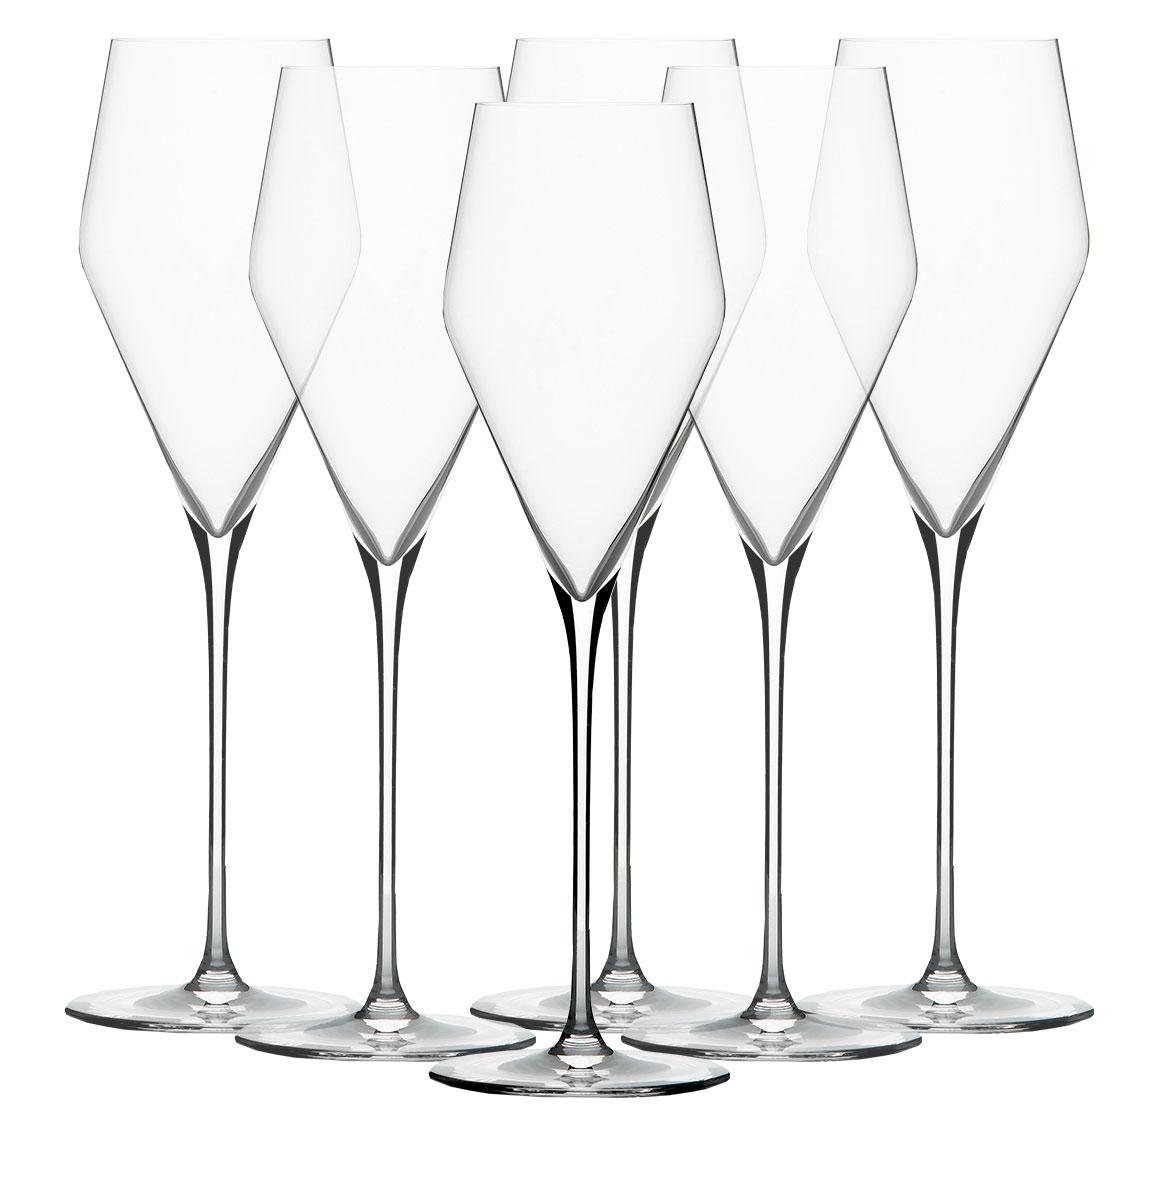 Champagnergläser (6er Set)